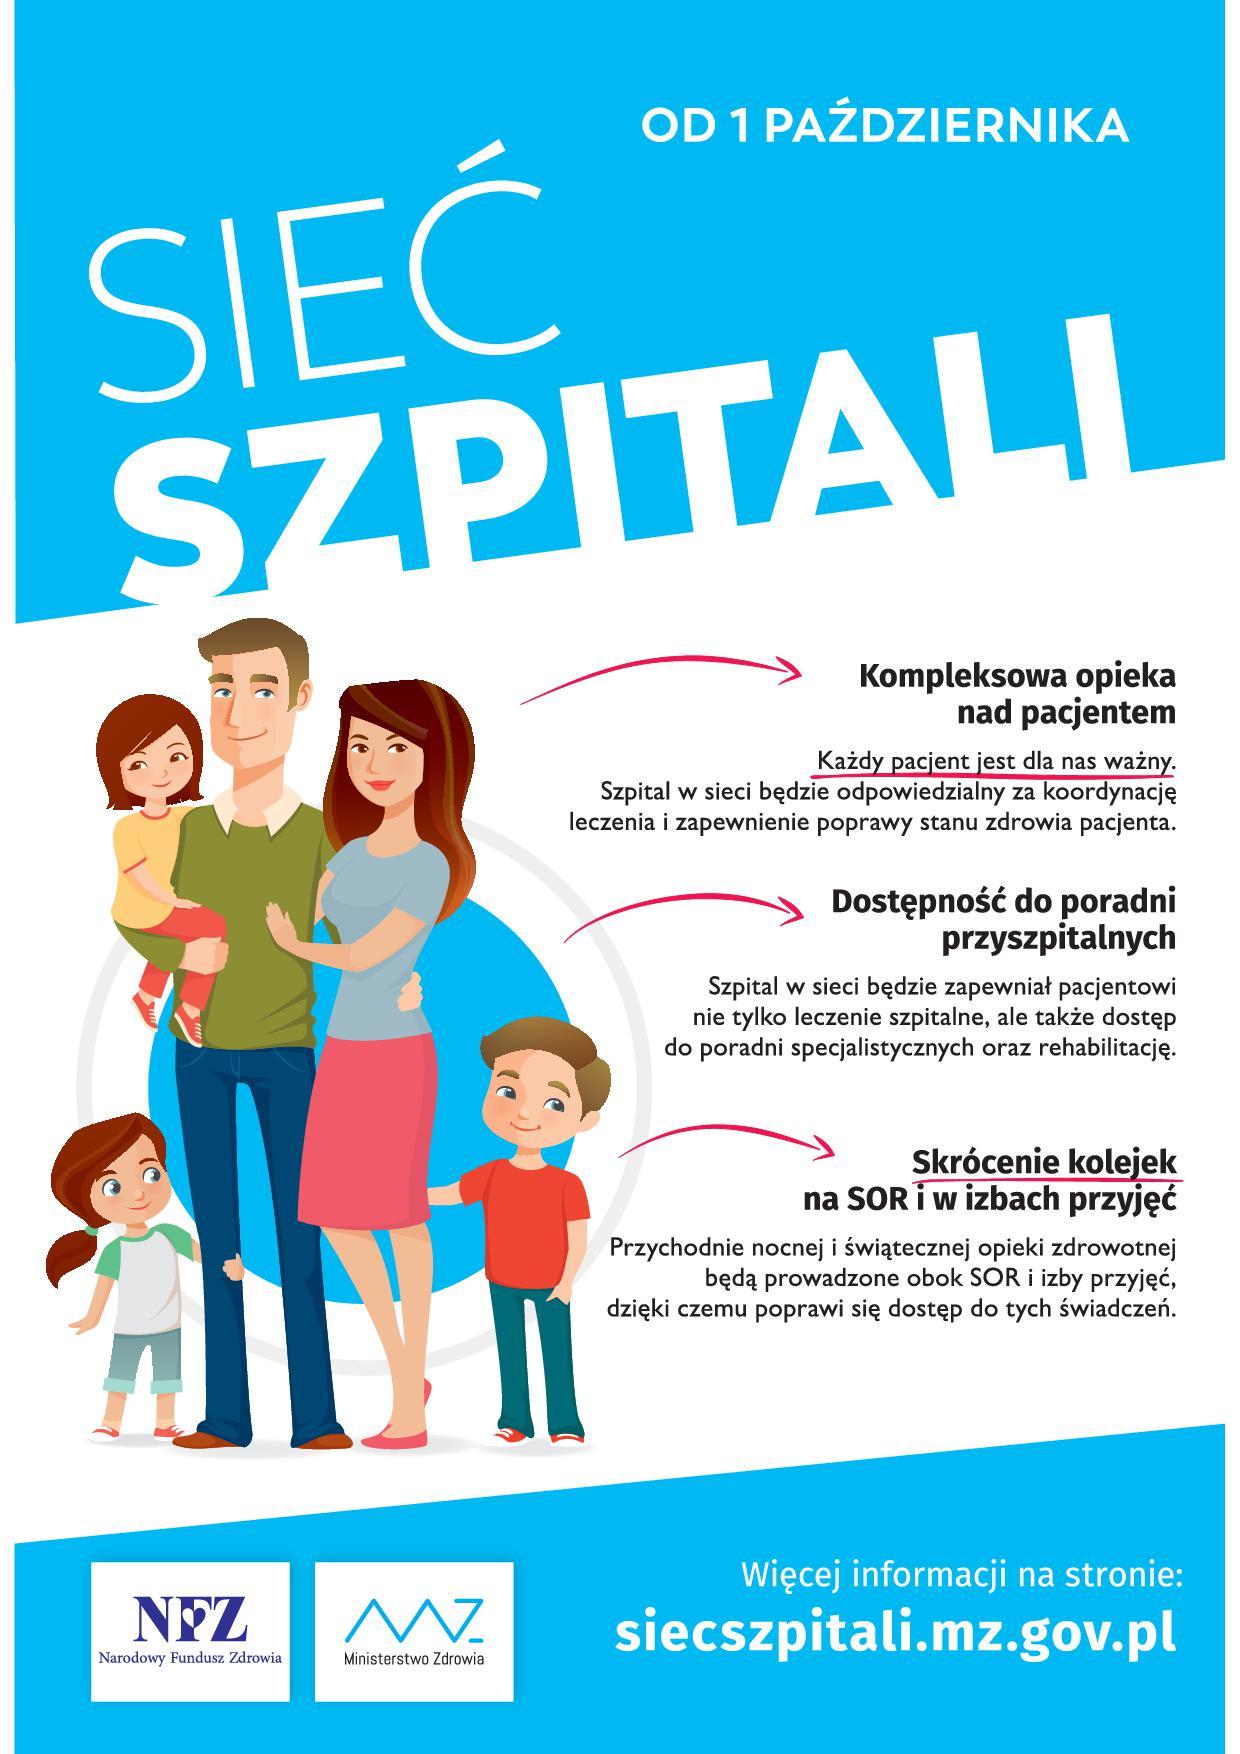 Ilustracja do informacji: Dyrektor Lubuskiego Oddziału Wojewódzkiego NFZ 27 czerwca opublikował wykaz szpitali zakwalifikowanych do Systemu Podstawowego Szpitalnego Zabezpieczenia Świadczeń Opieki Zdrowotnej.